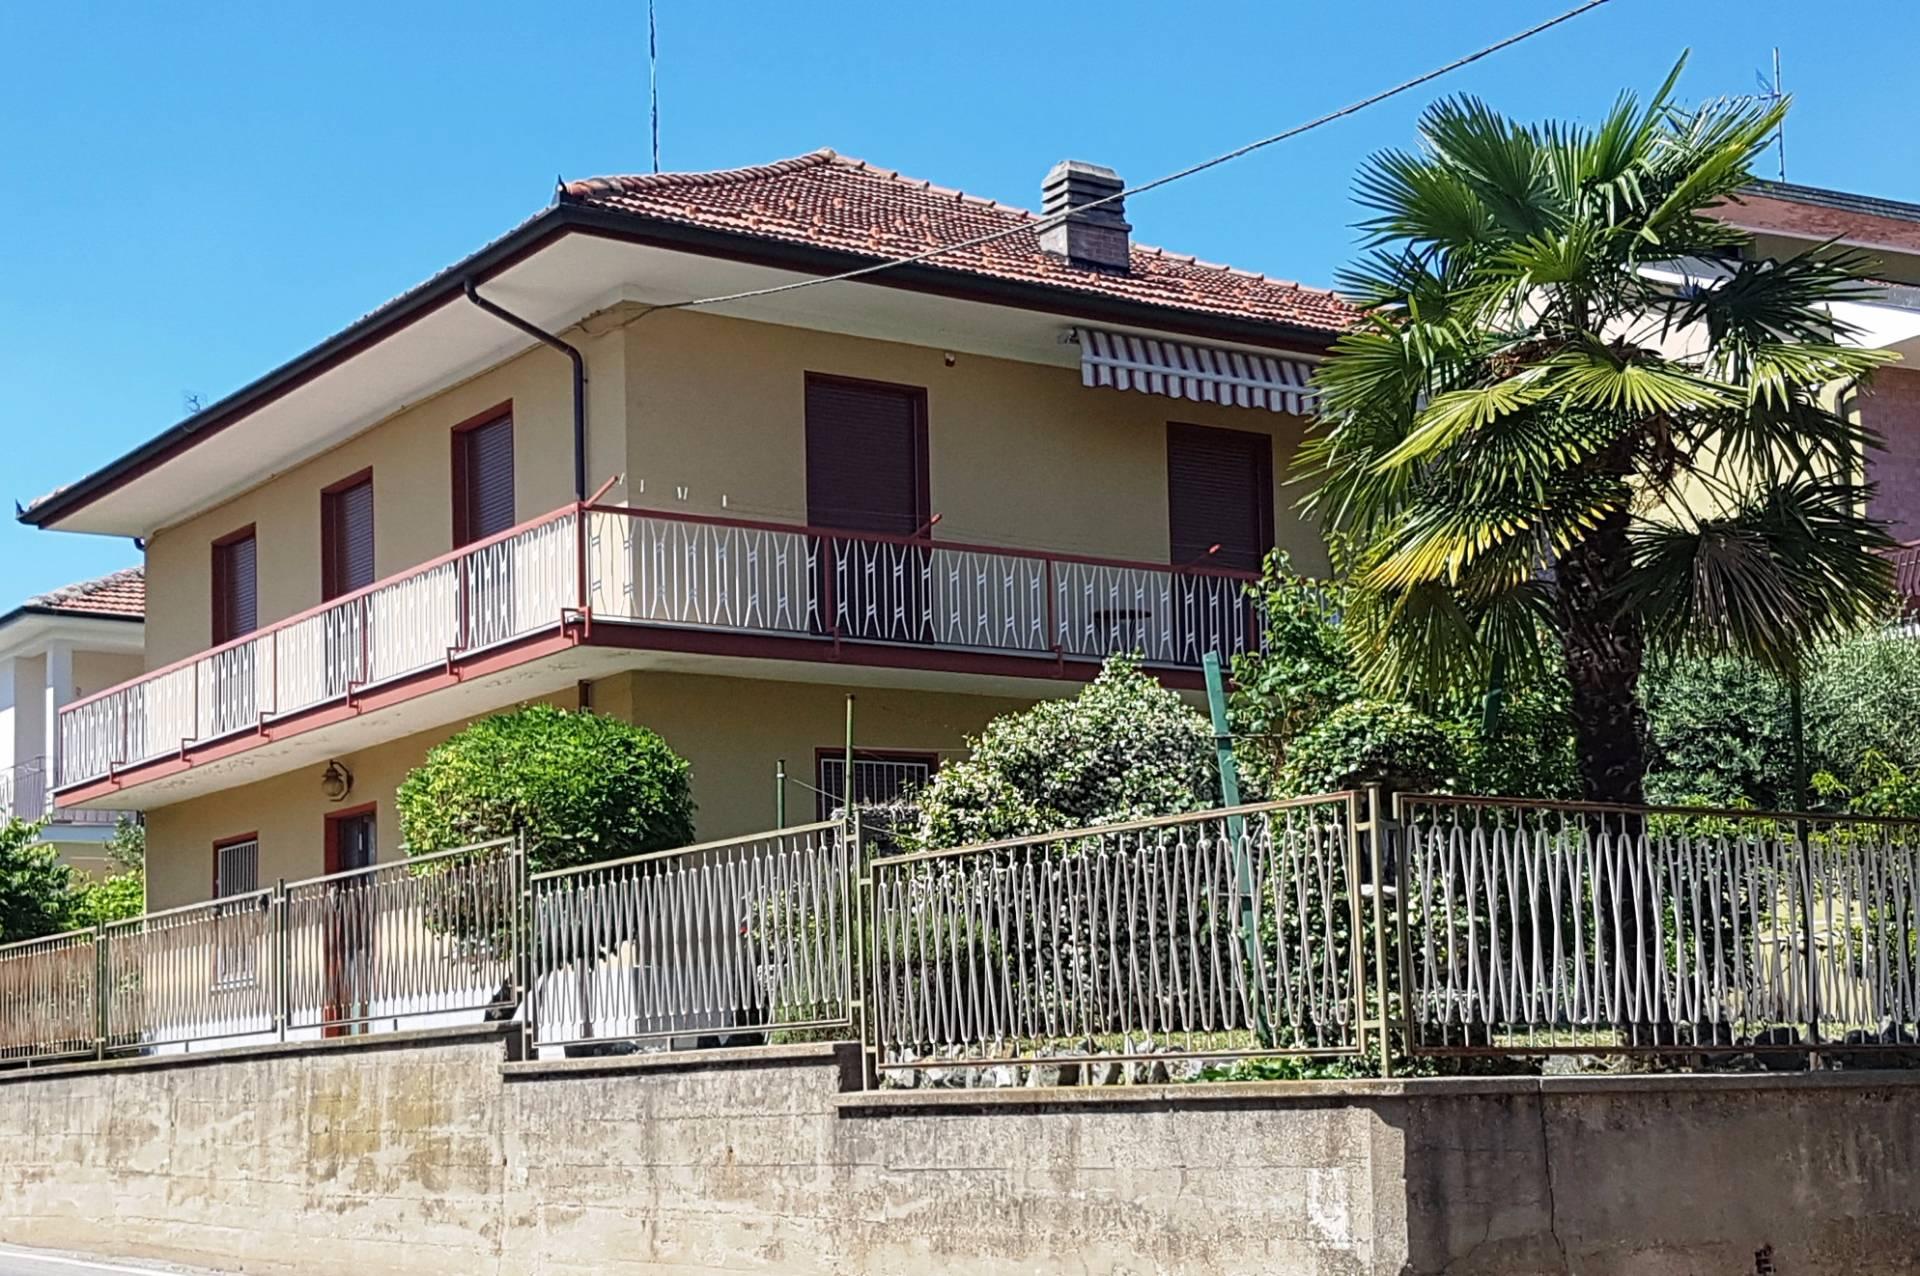 Soluzione Indipendente in vendita a Chieri, 8 locali, prezzo € 285.000 | CambioCasa.it